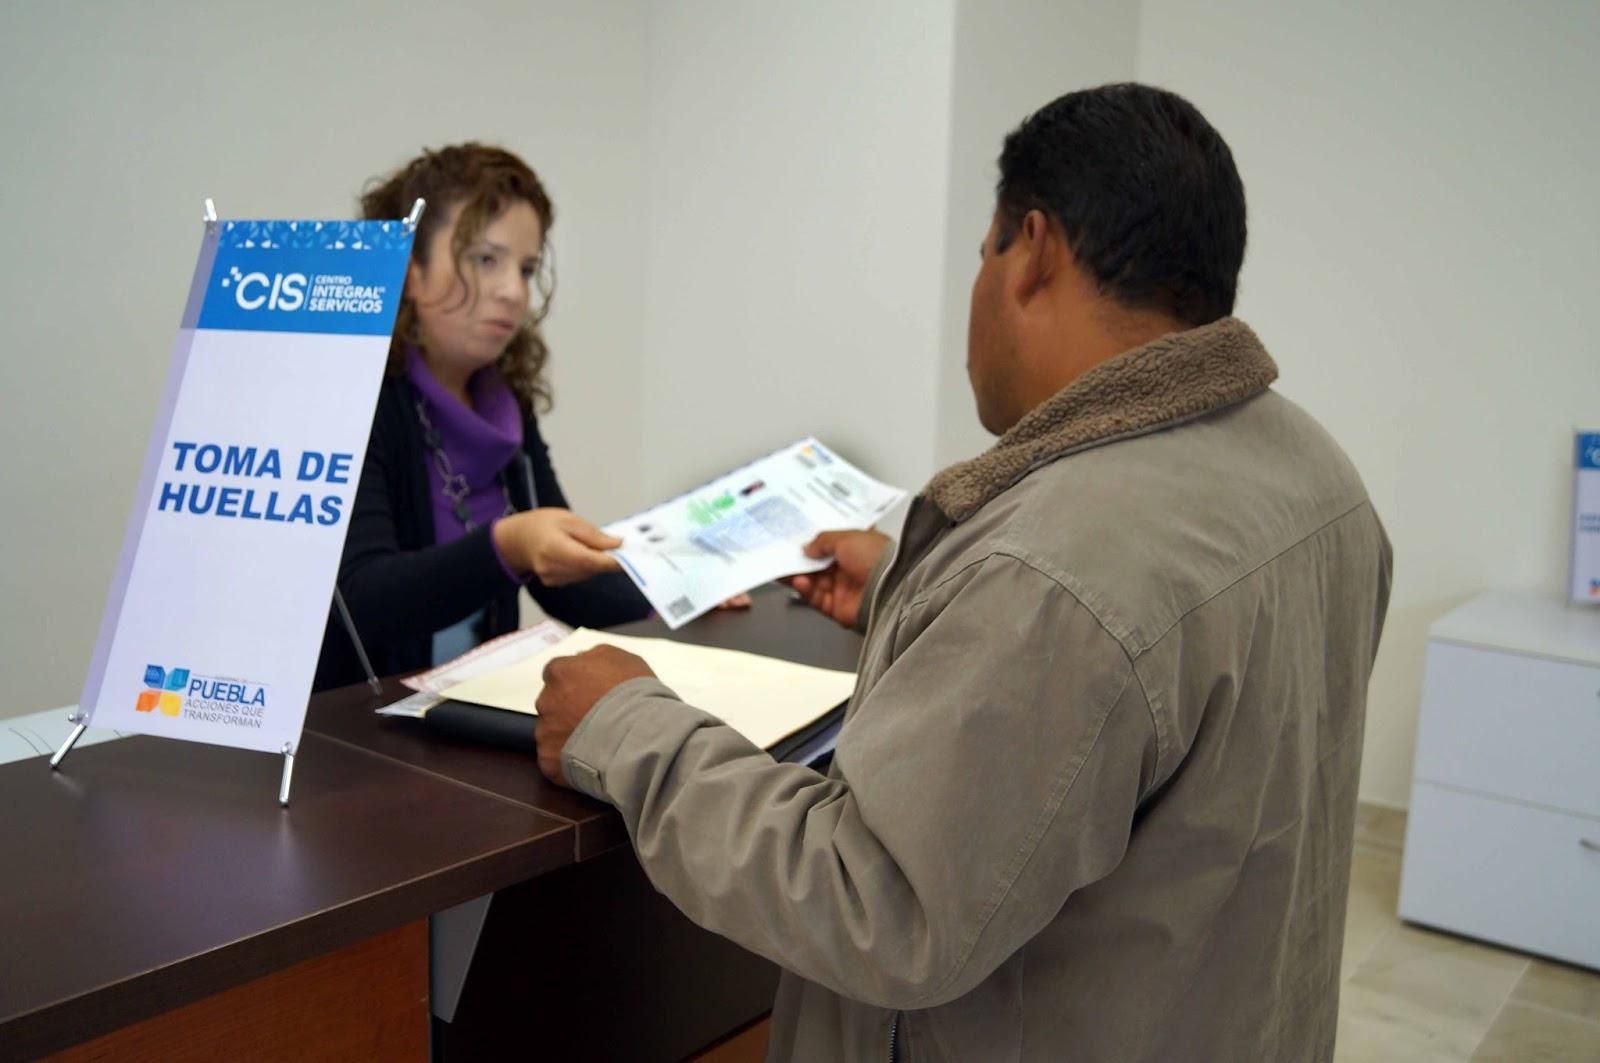 Centros de verificacion en puebla citas por internet mujere culo grande Fuerteventura-34076